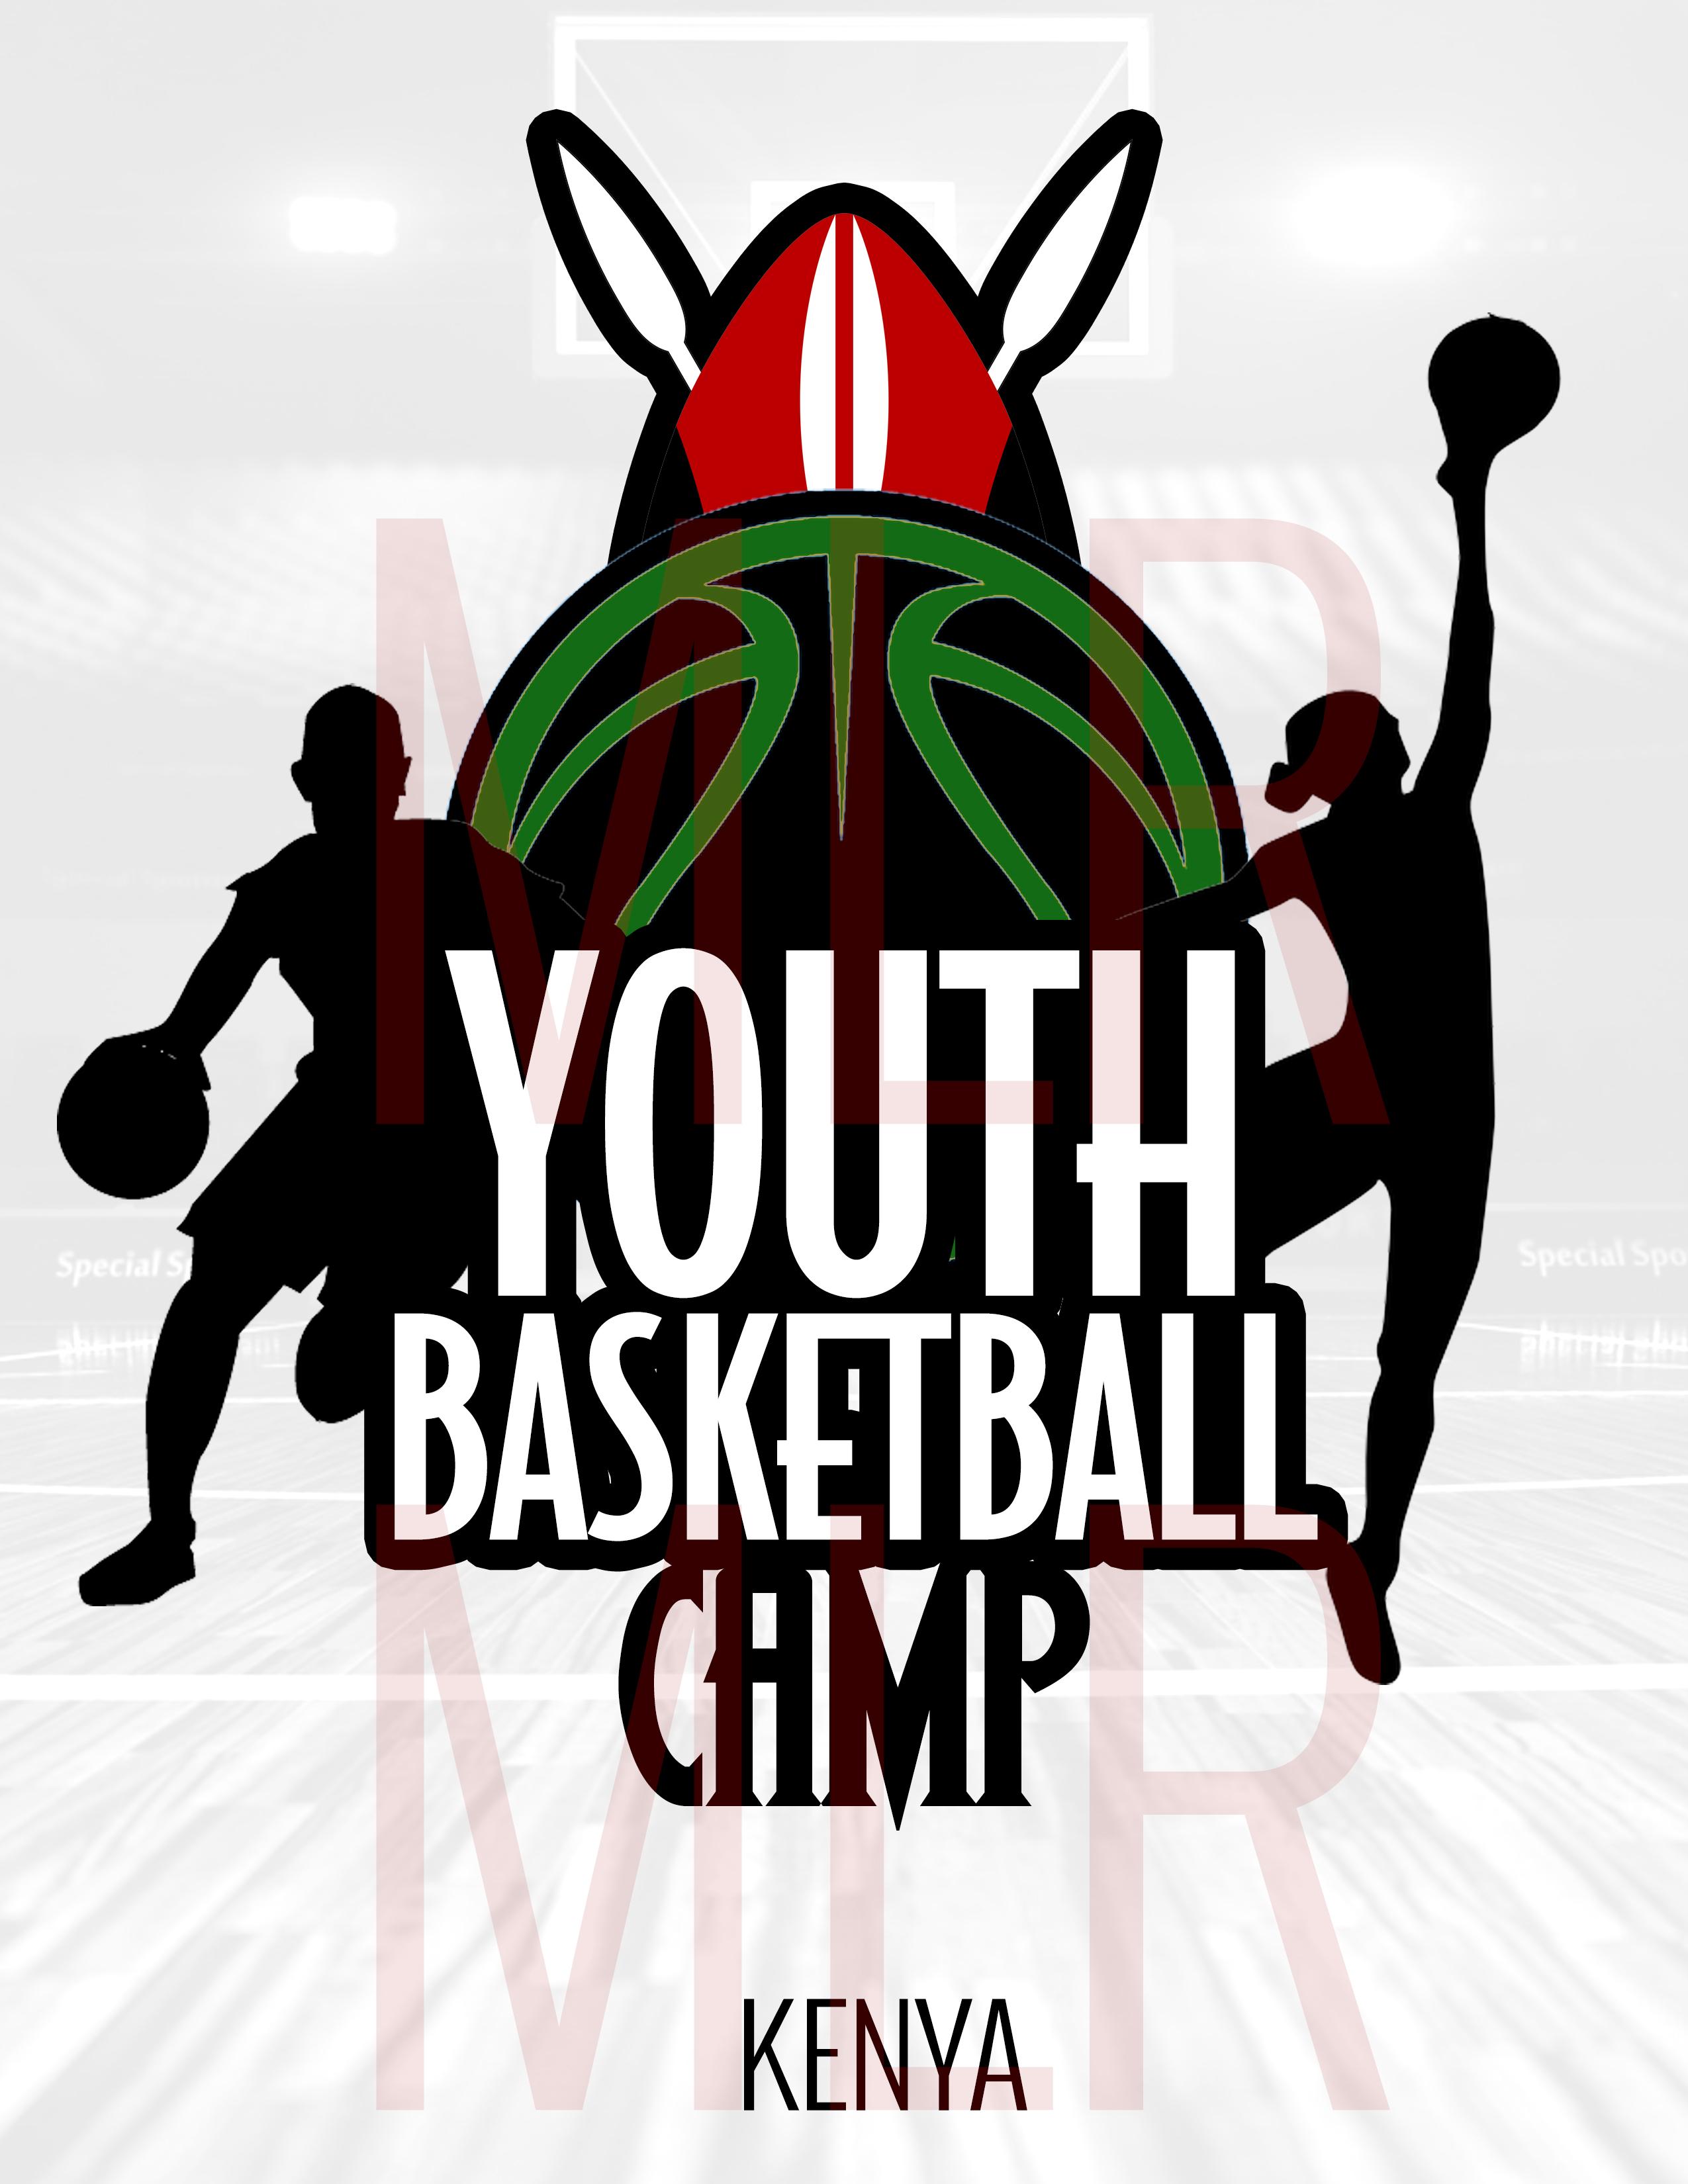 Youth Camp kenya